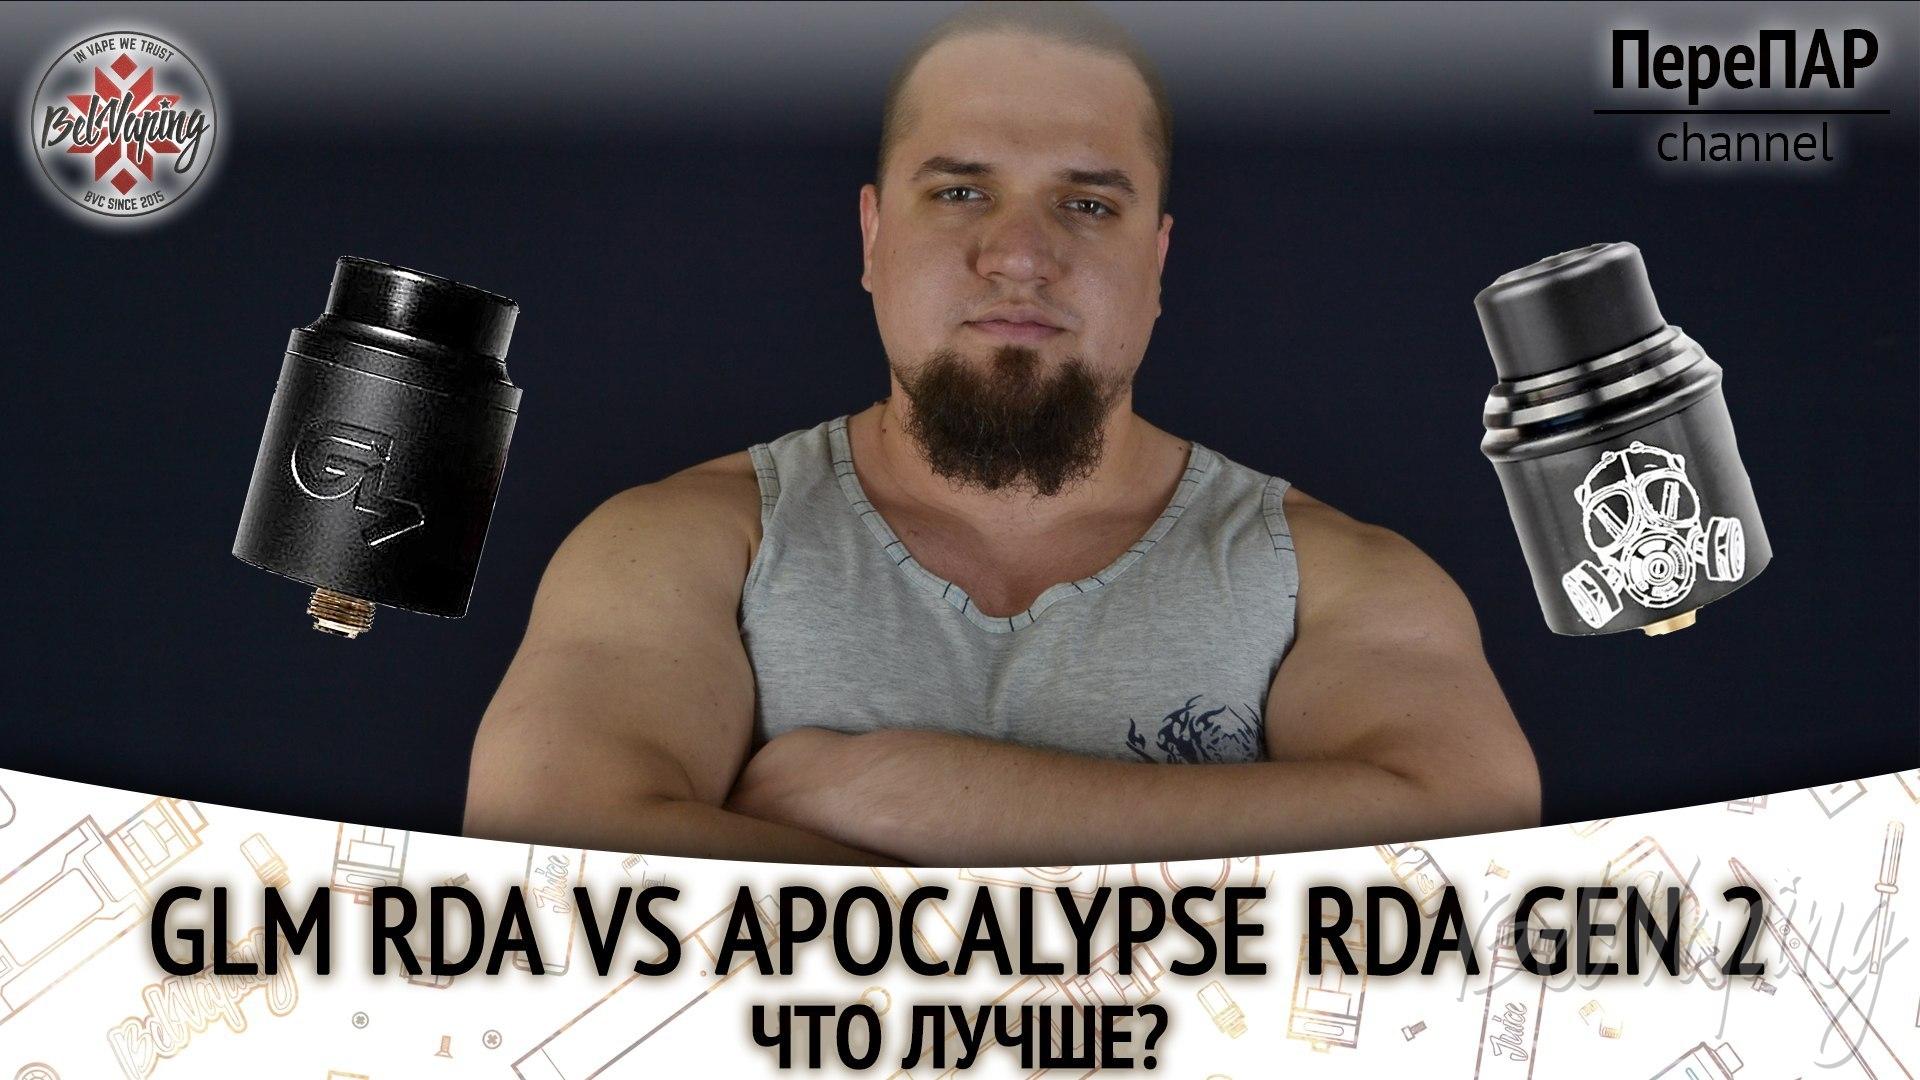 Сравнение GLM RDA и Apocalypse GEN 2 RDA